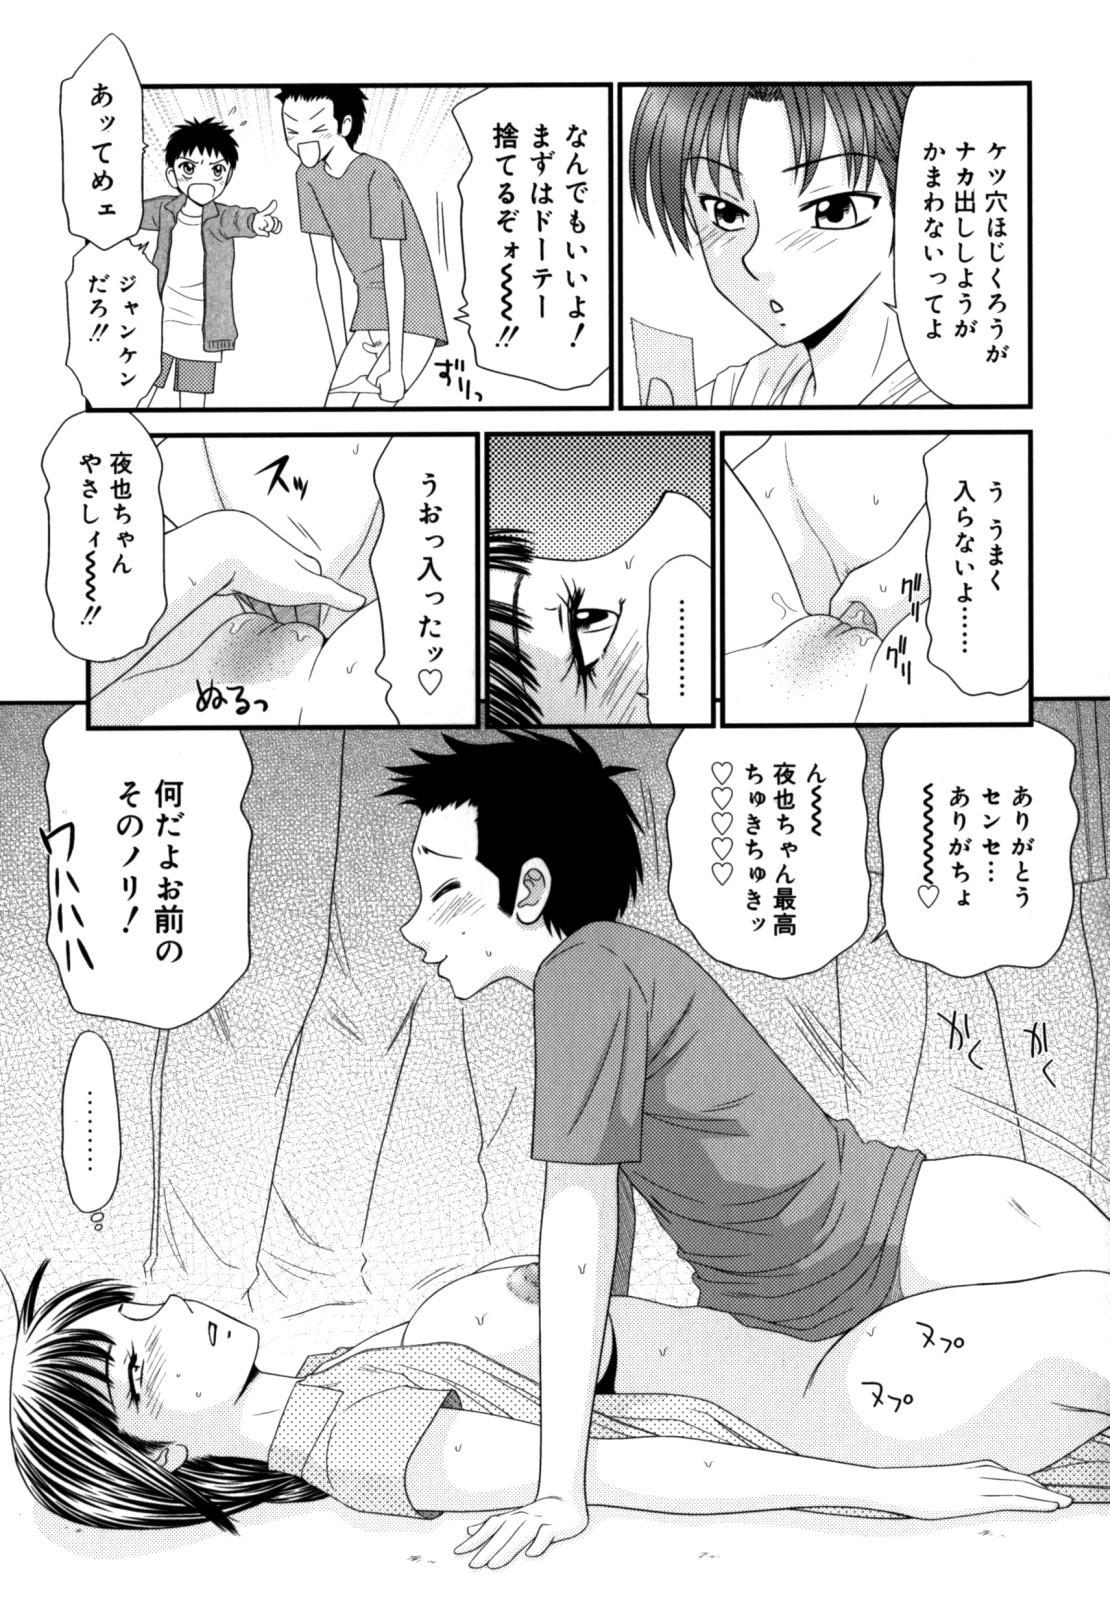 Gakuen no Mushikera 2 108